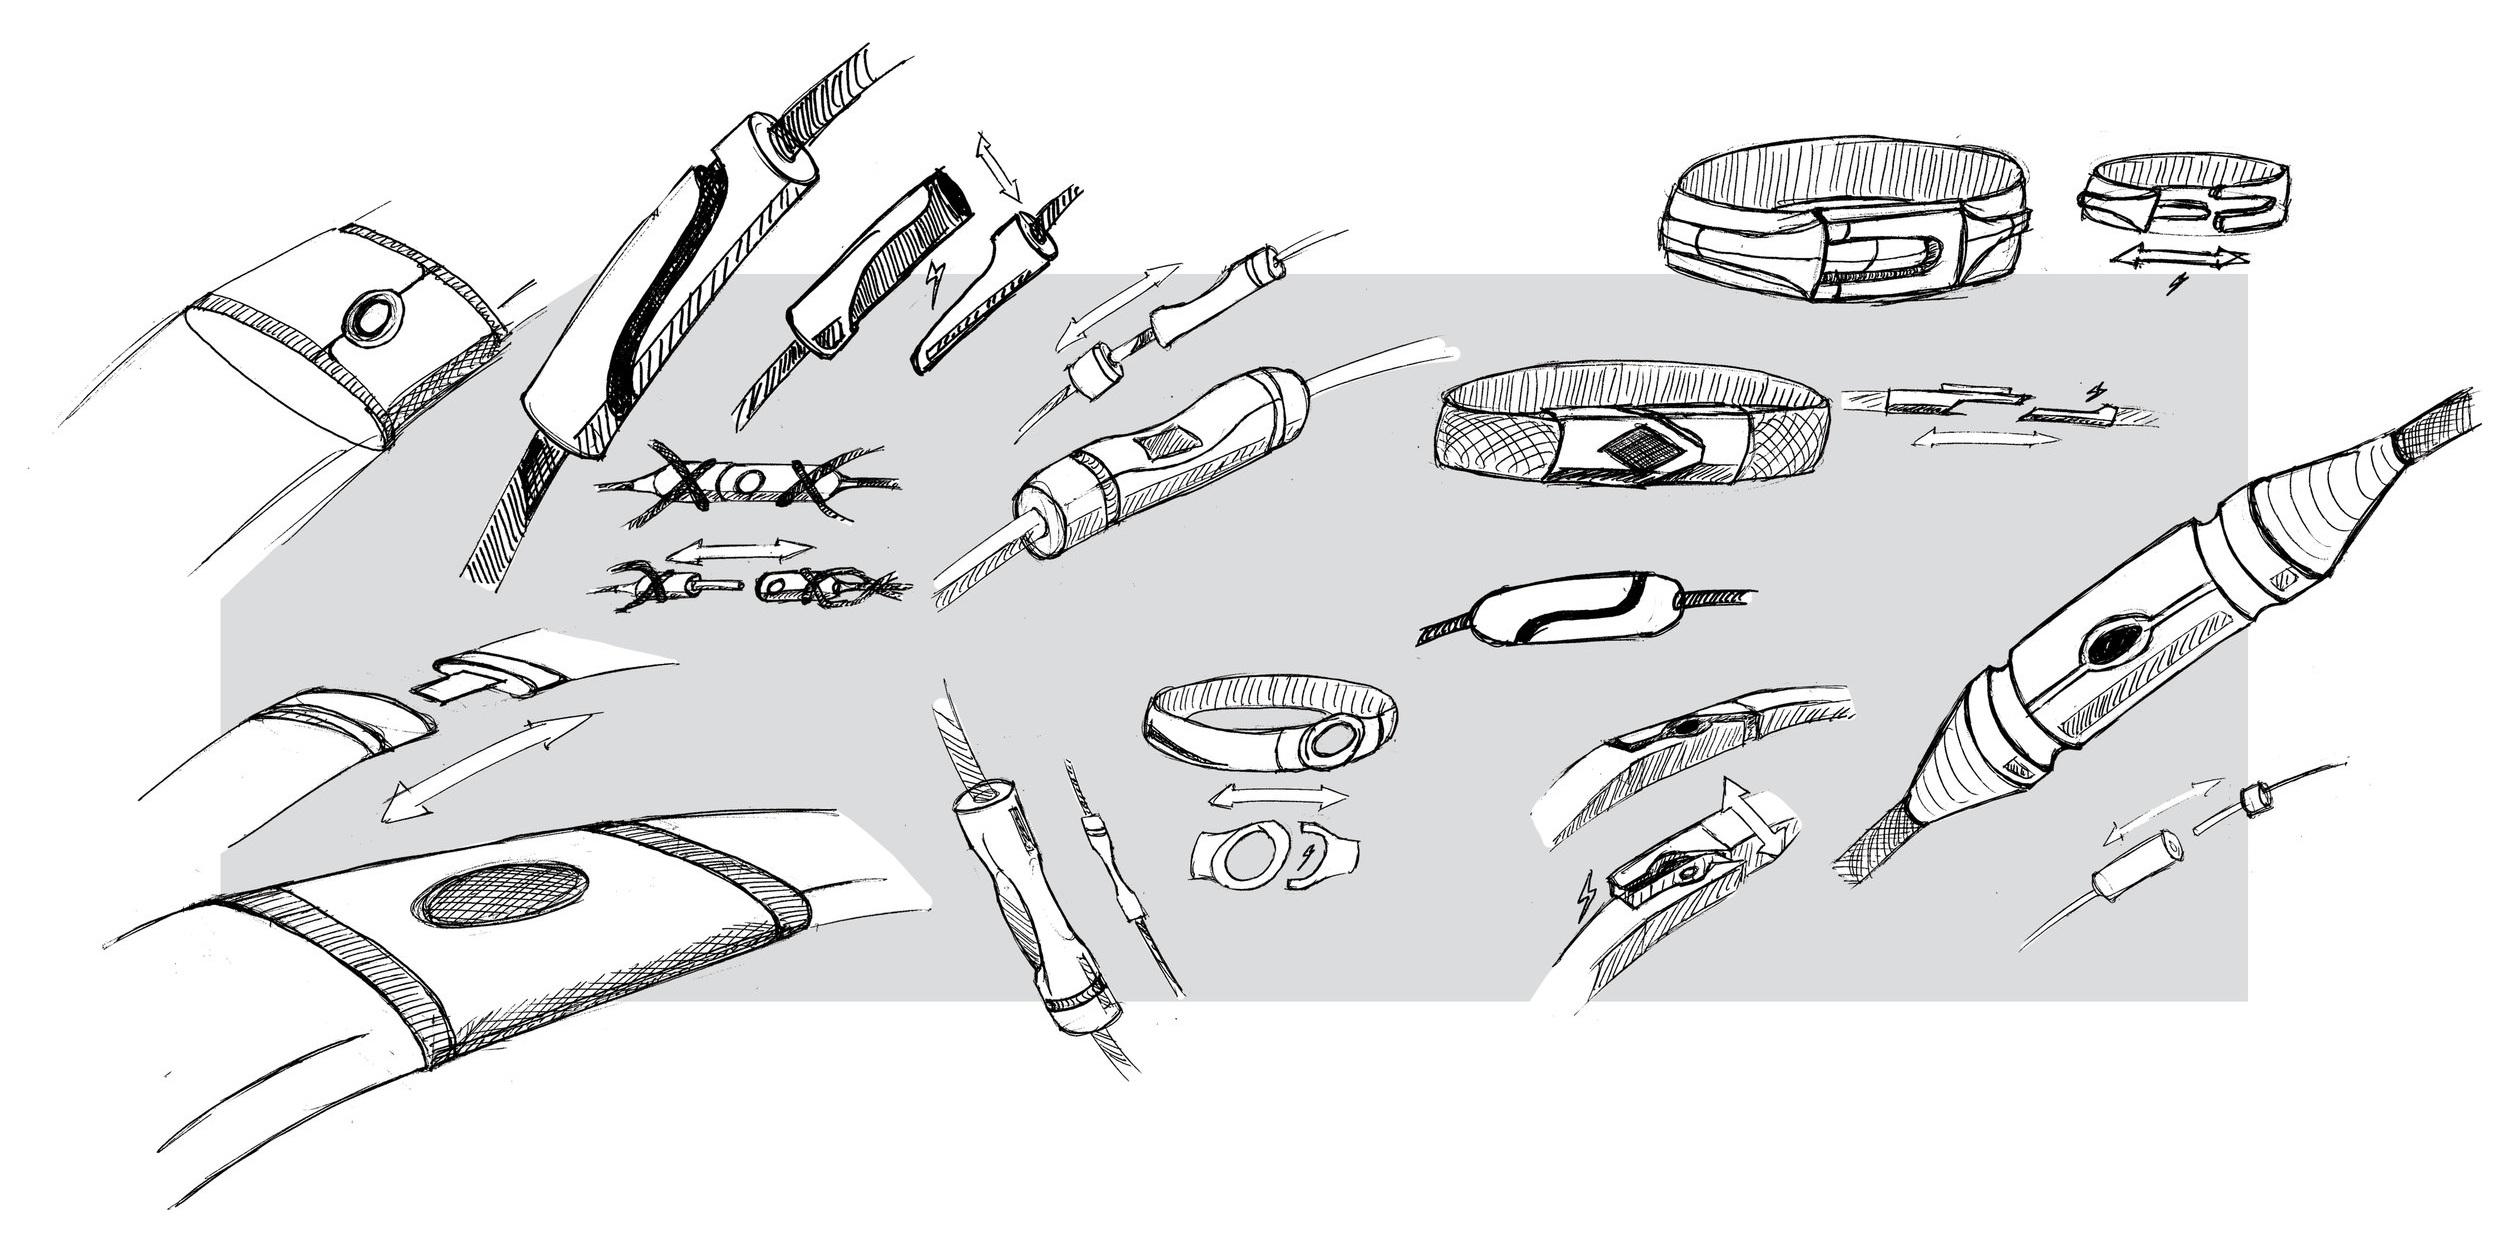 Concept Sketches - Keith Costa